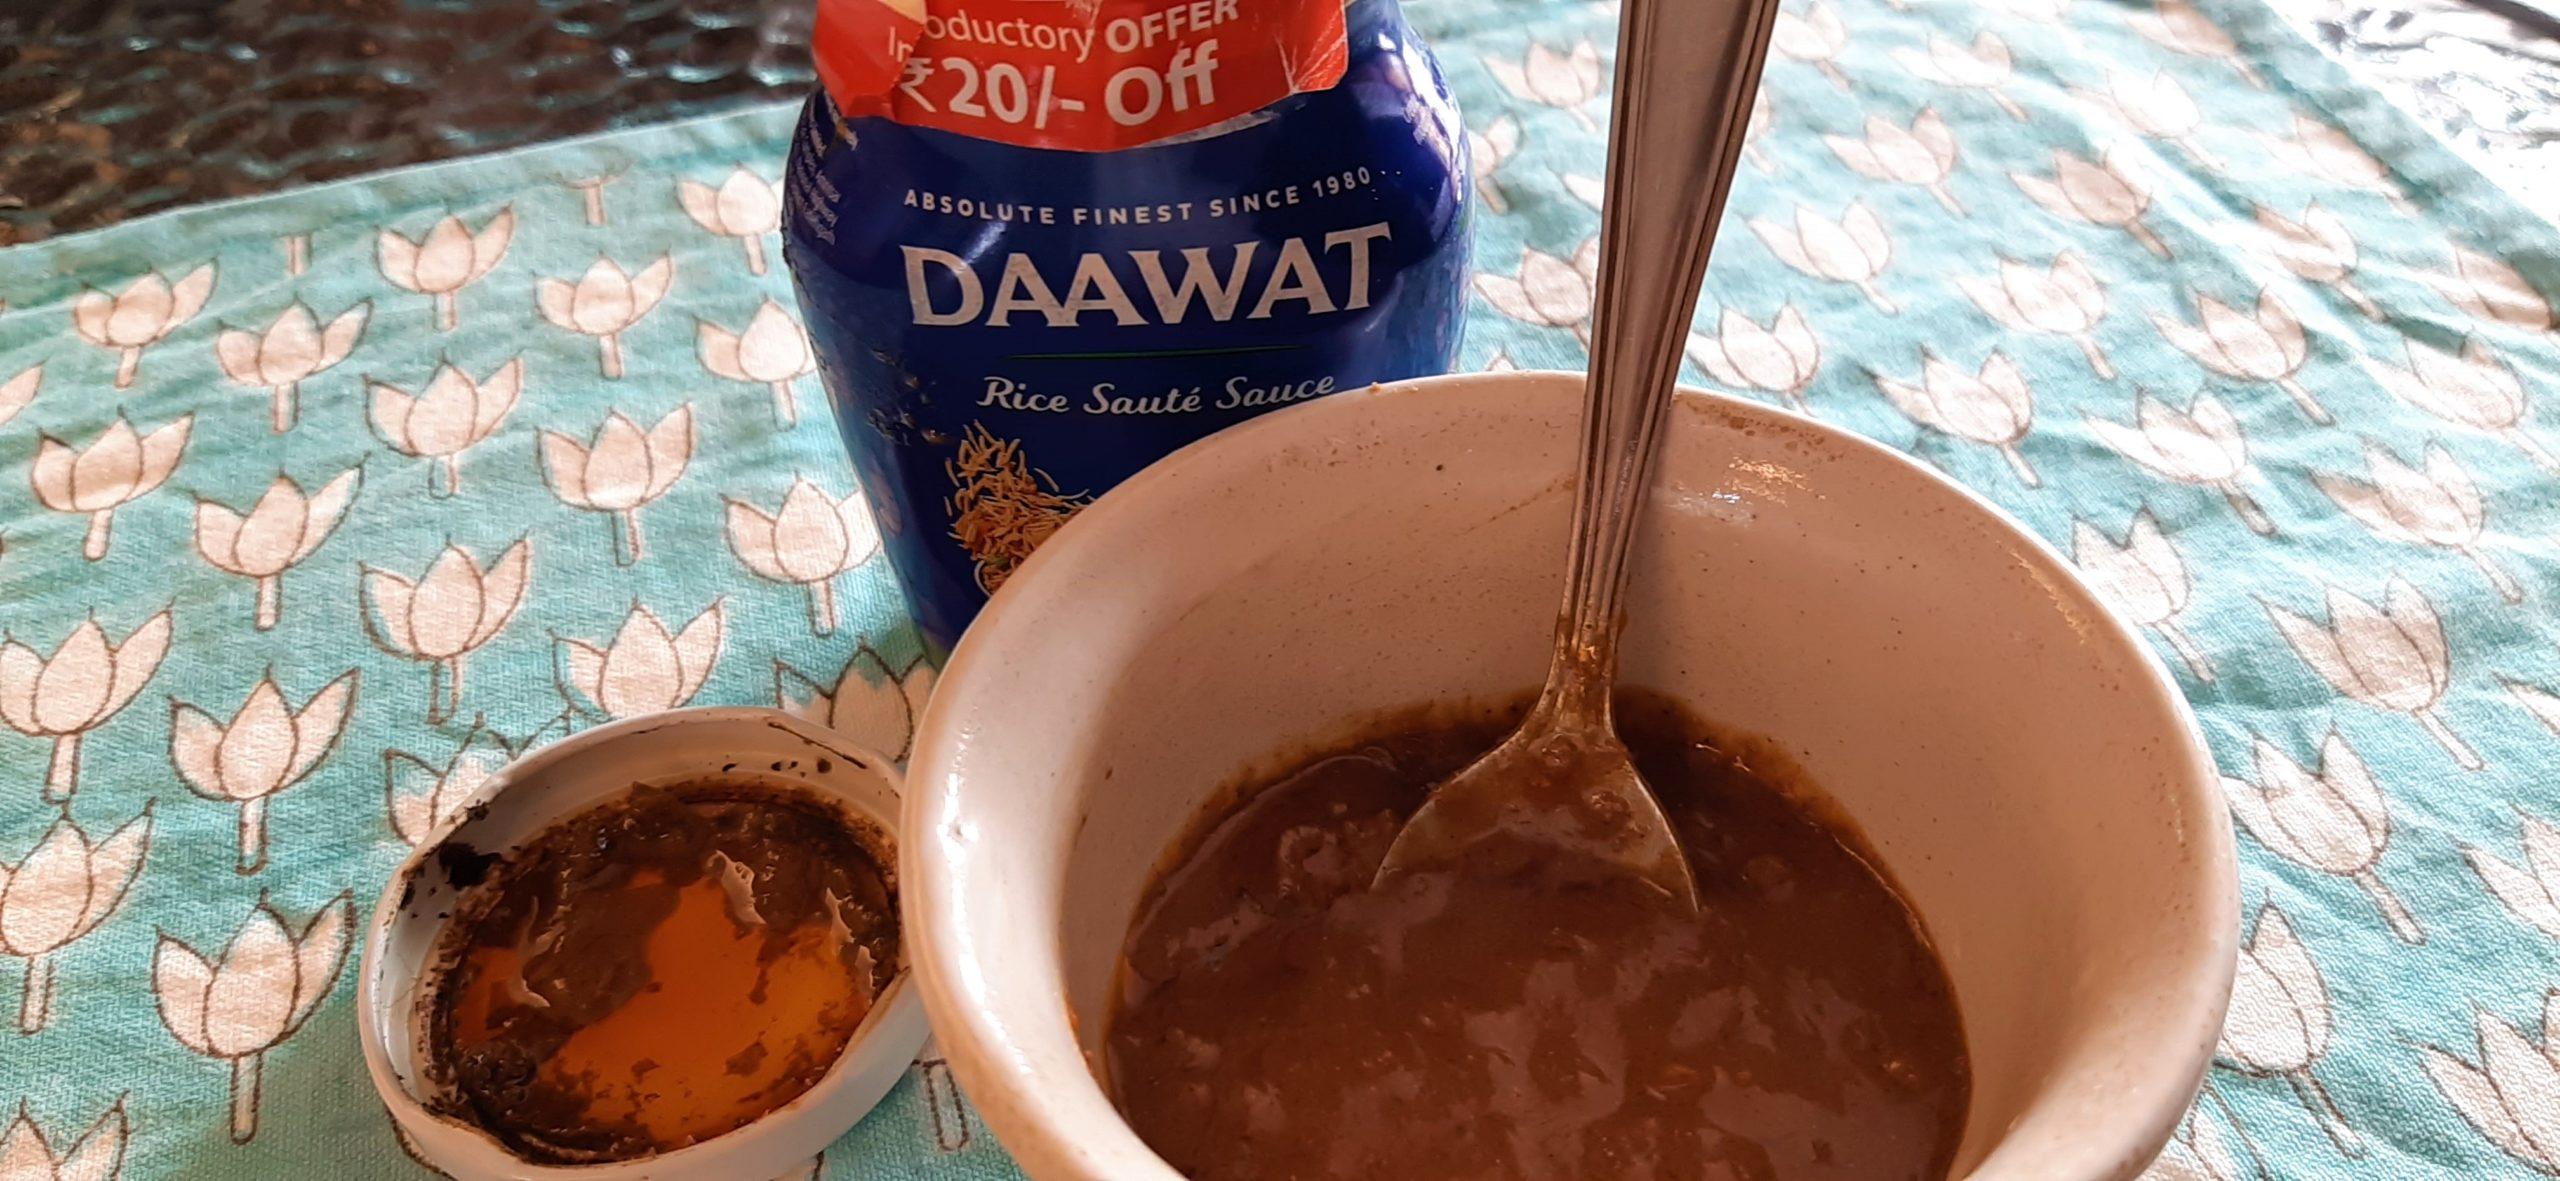 Daawat Rice Sauté Sauce (Dum Biryani): #FirstImpressions